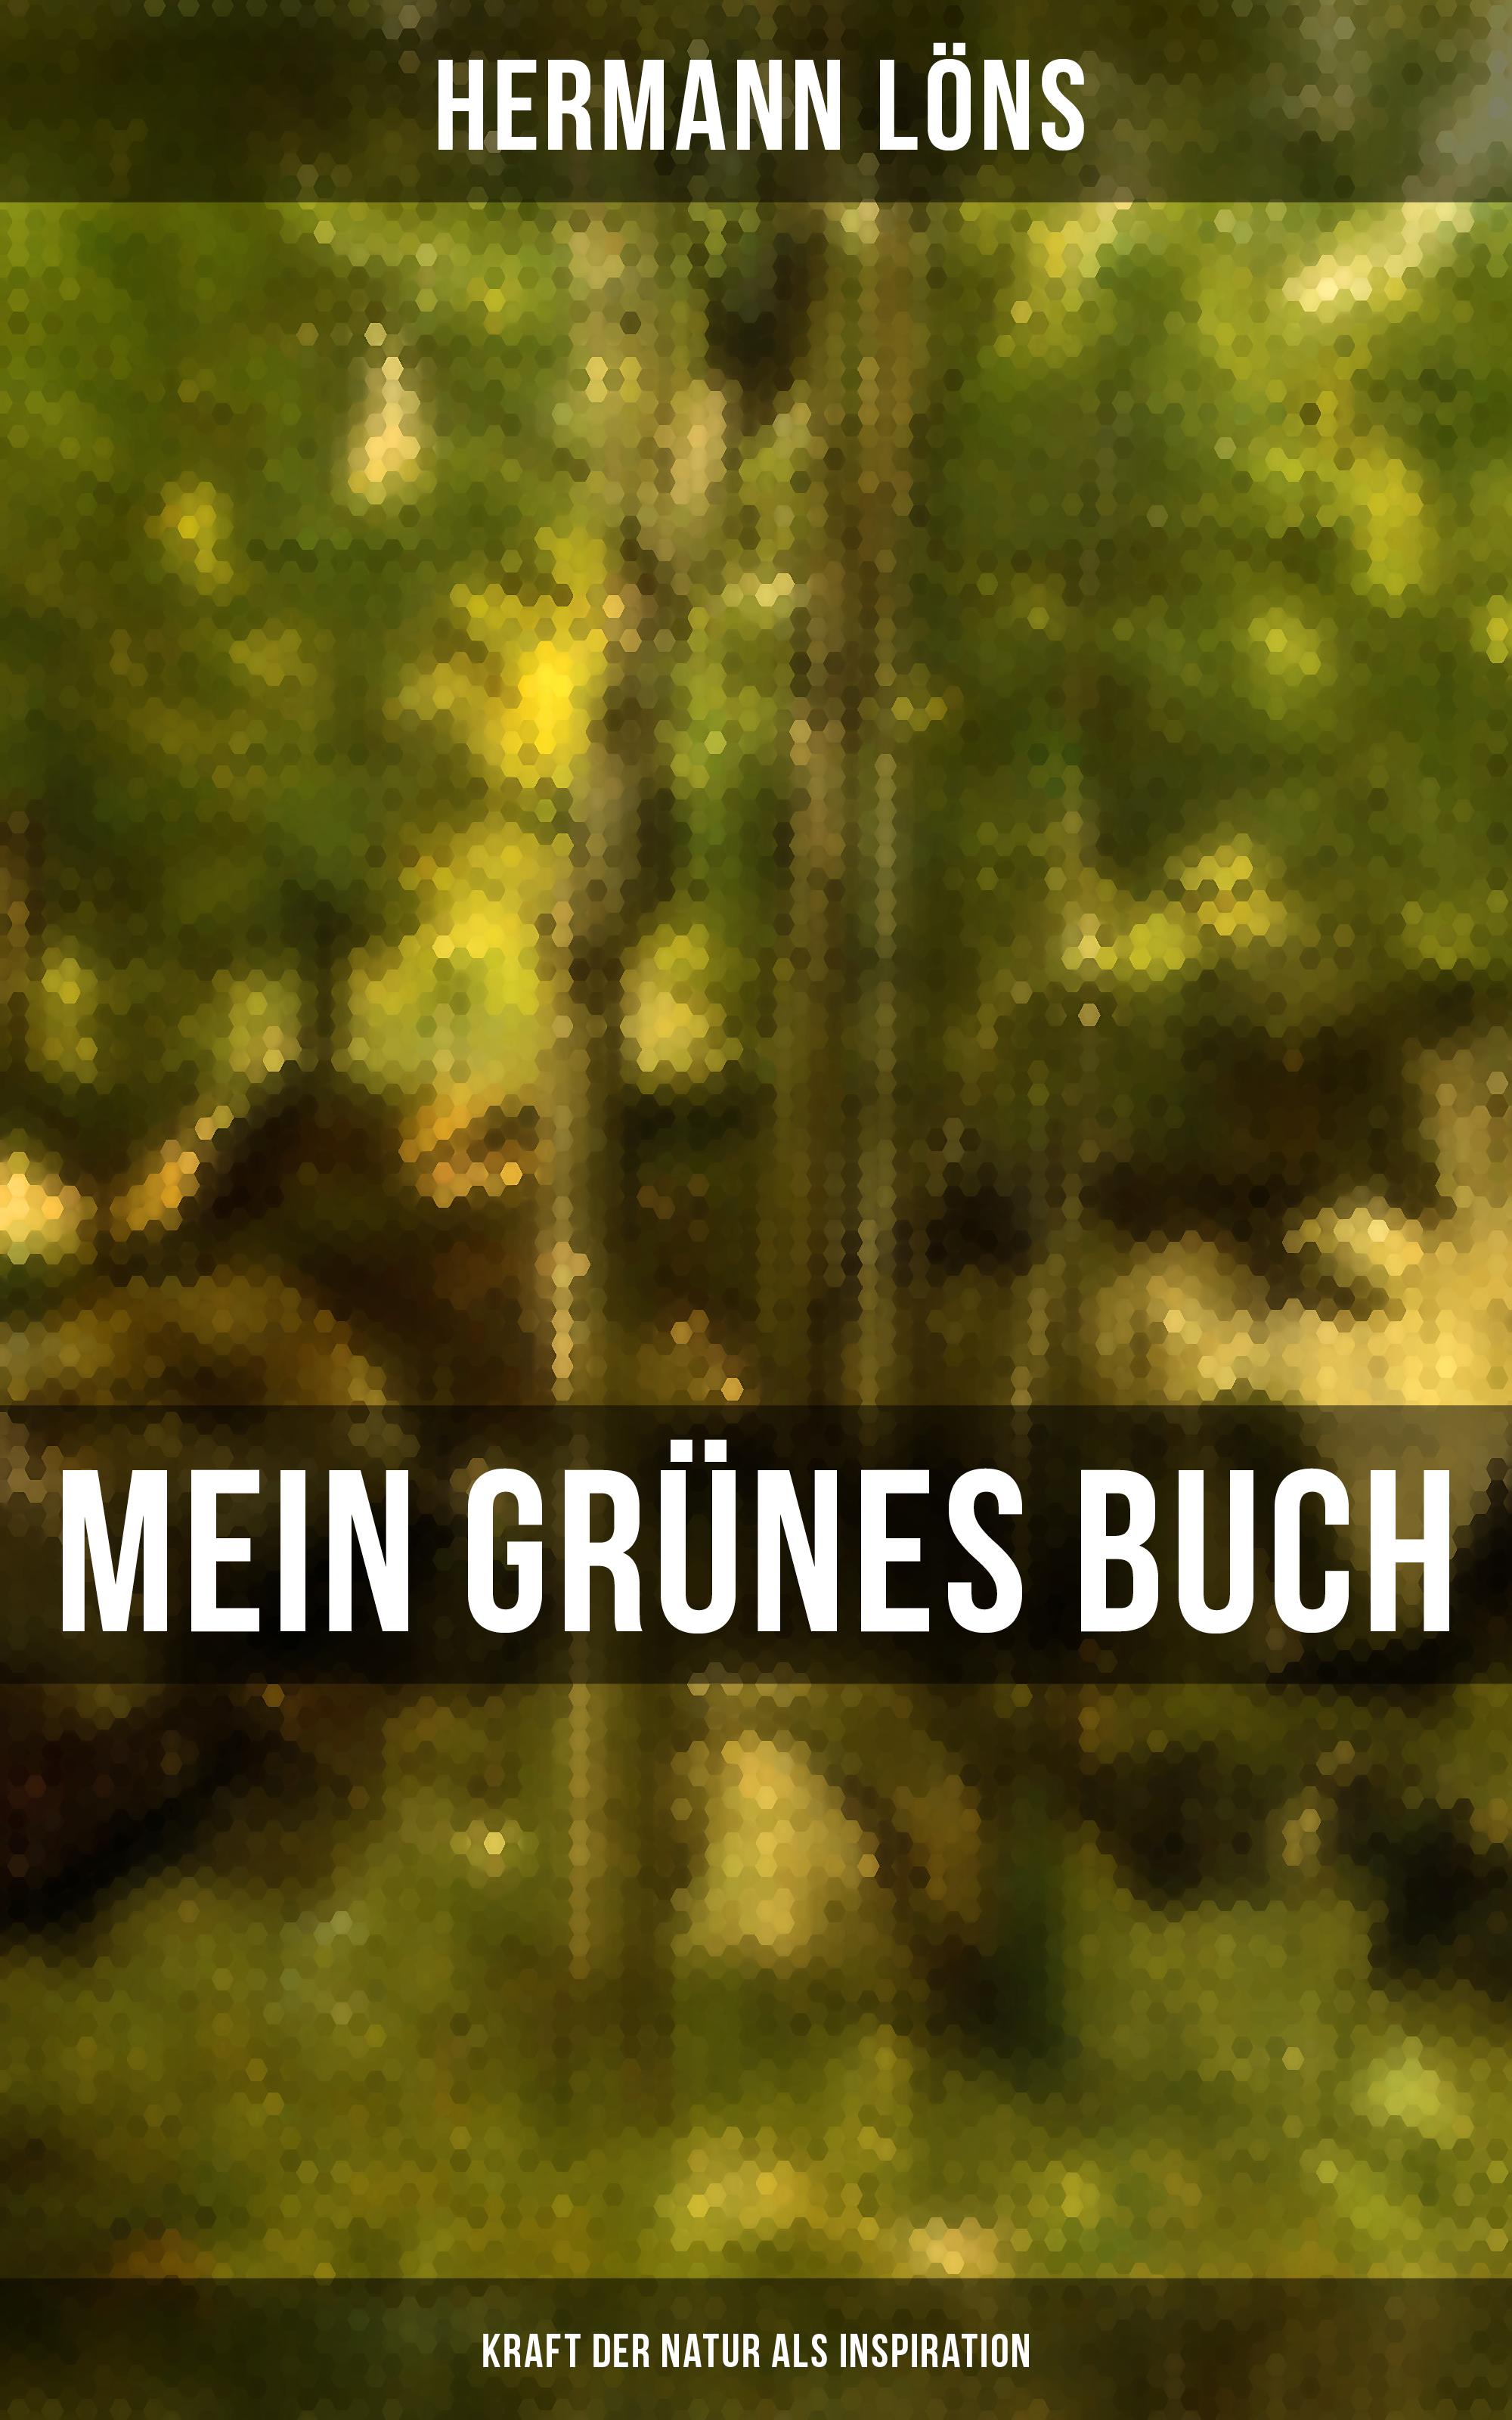 цена Löns Hermann Mein grünes Buch - Kraft der Natur als Inspiration